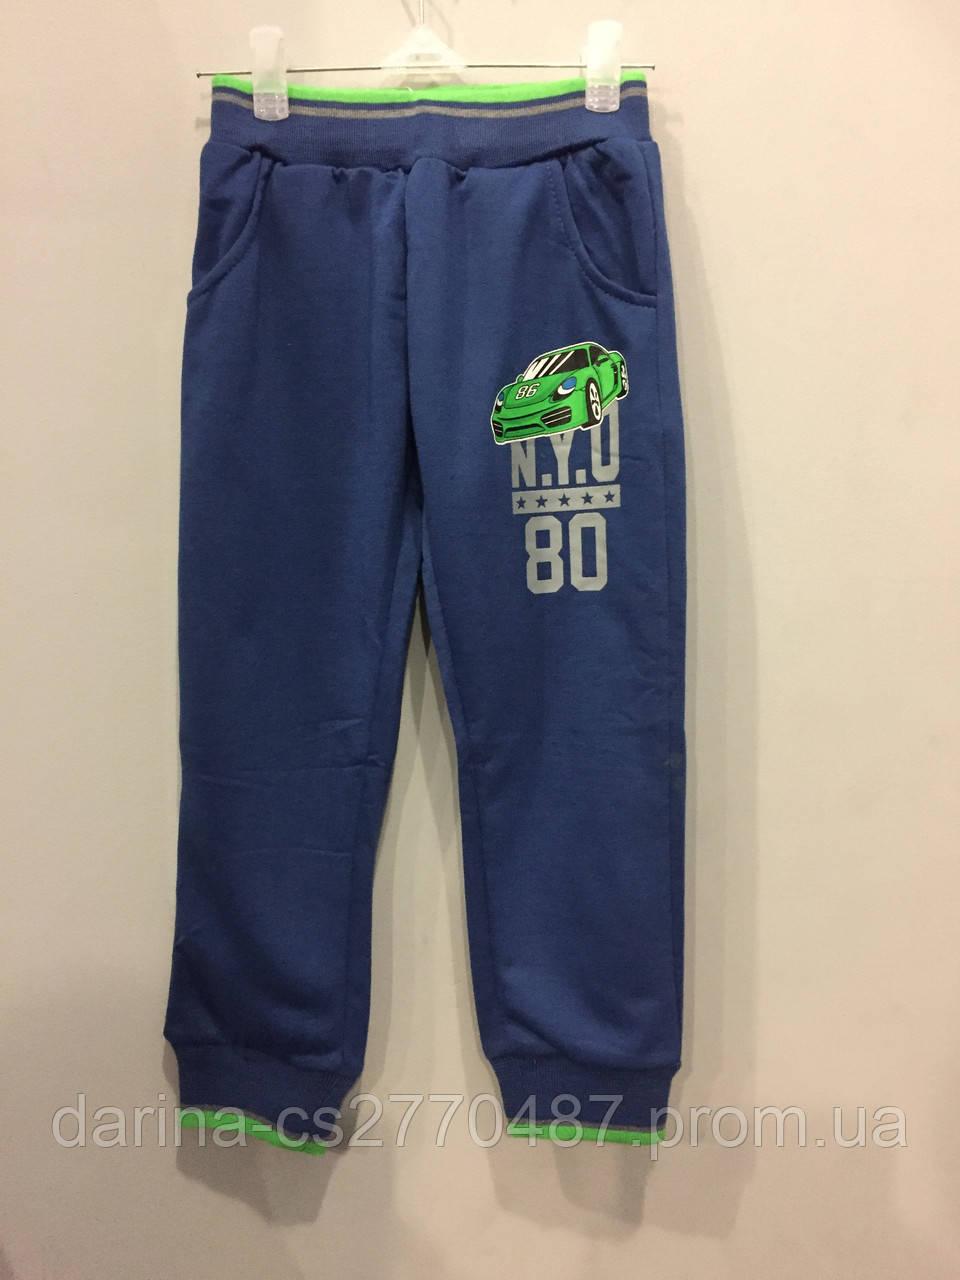 Детские спортивные брюки для мальчика 98 см